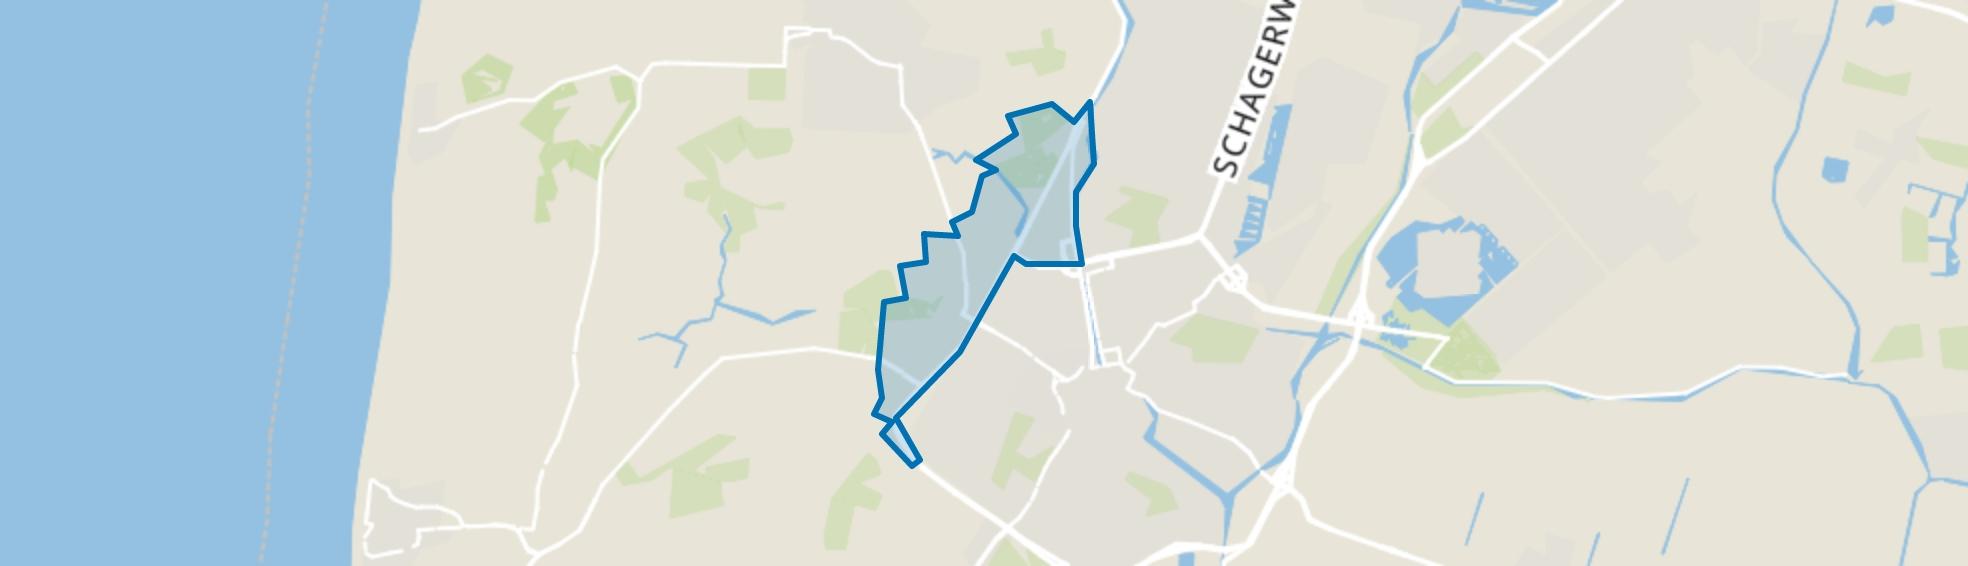 Landelijk gebied-West, Alkmaar map